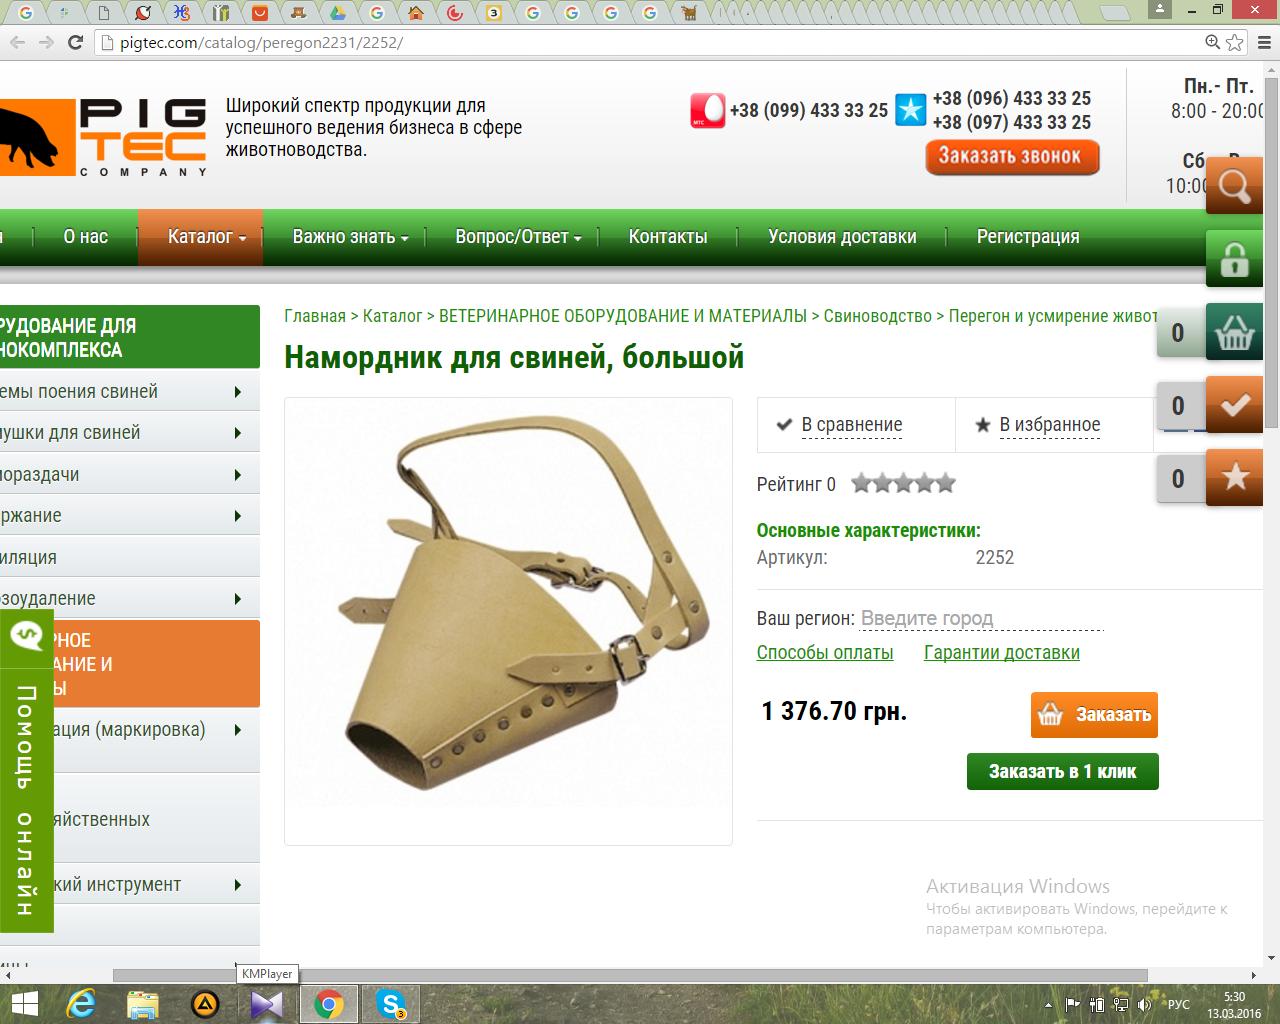 snimokekrana53.png